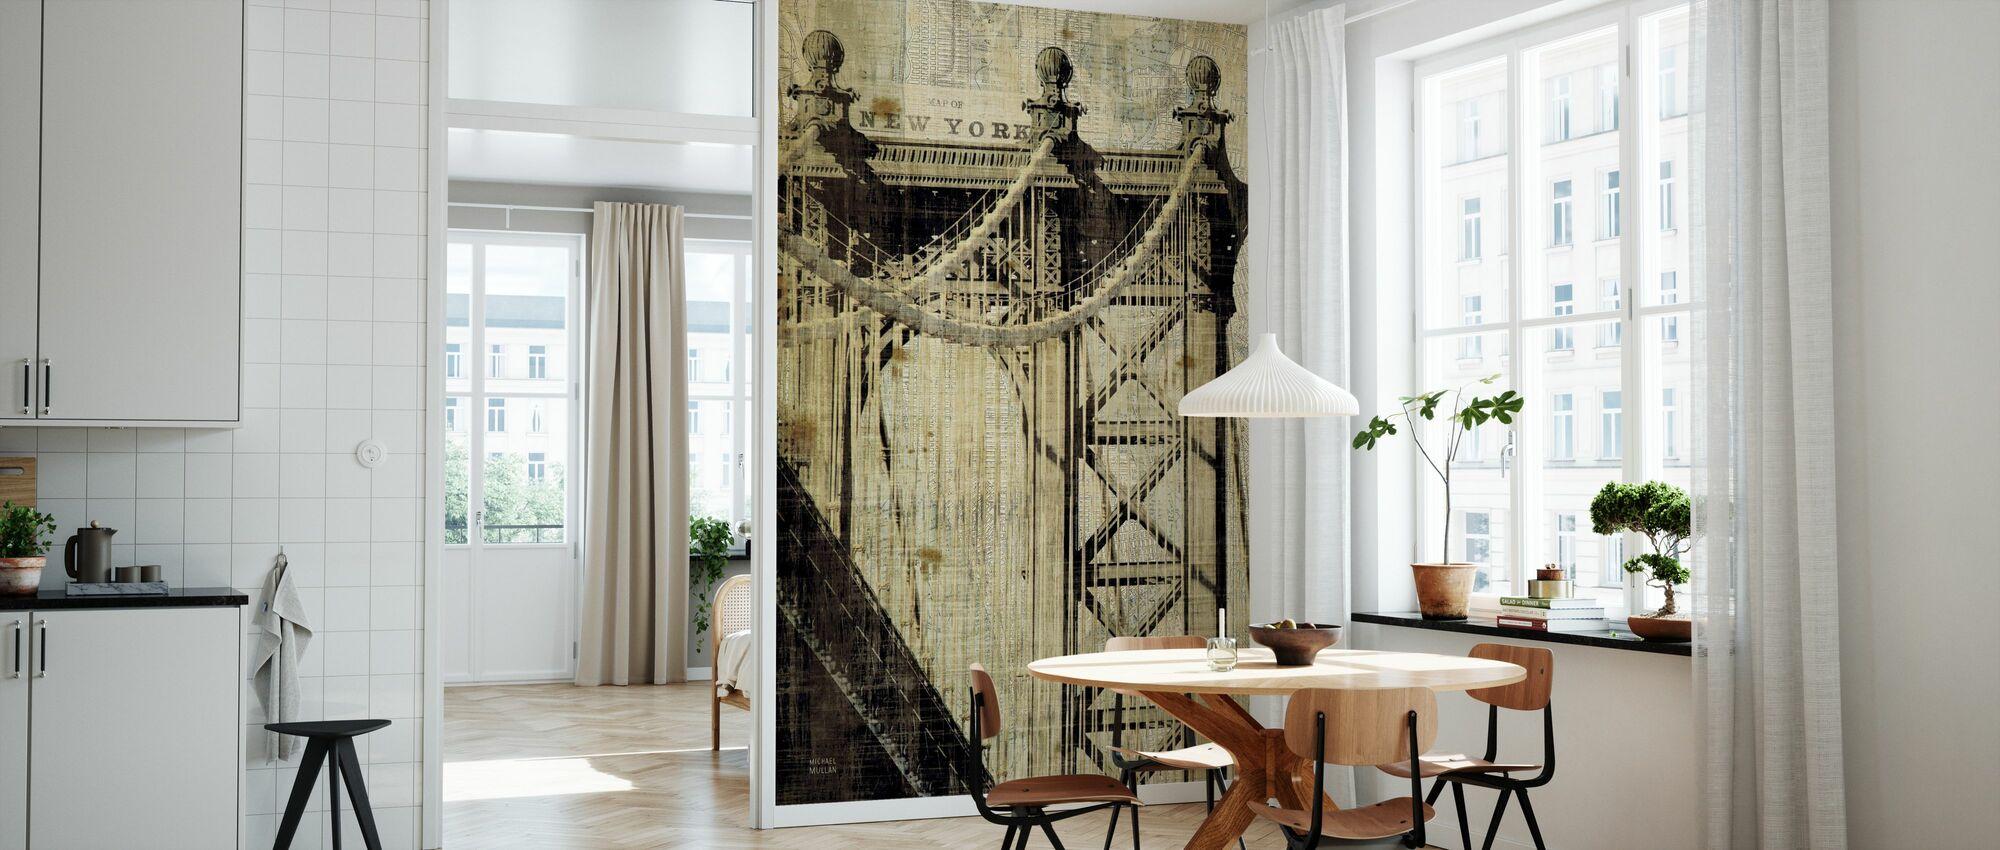 Vintage New York Manhattan Bridge - Wallpaper - Kitchen